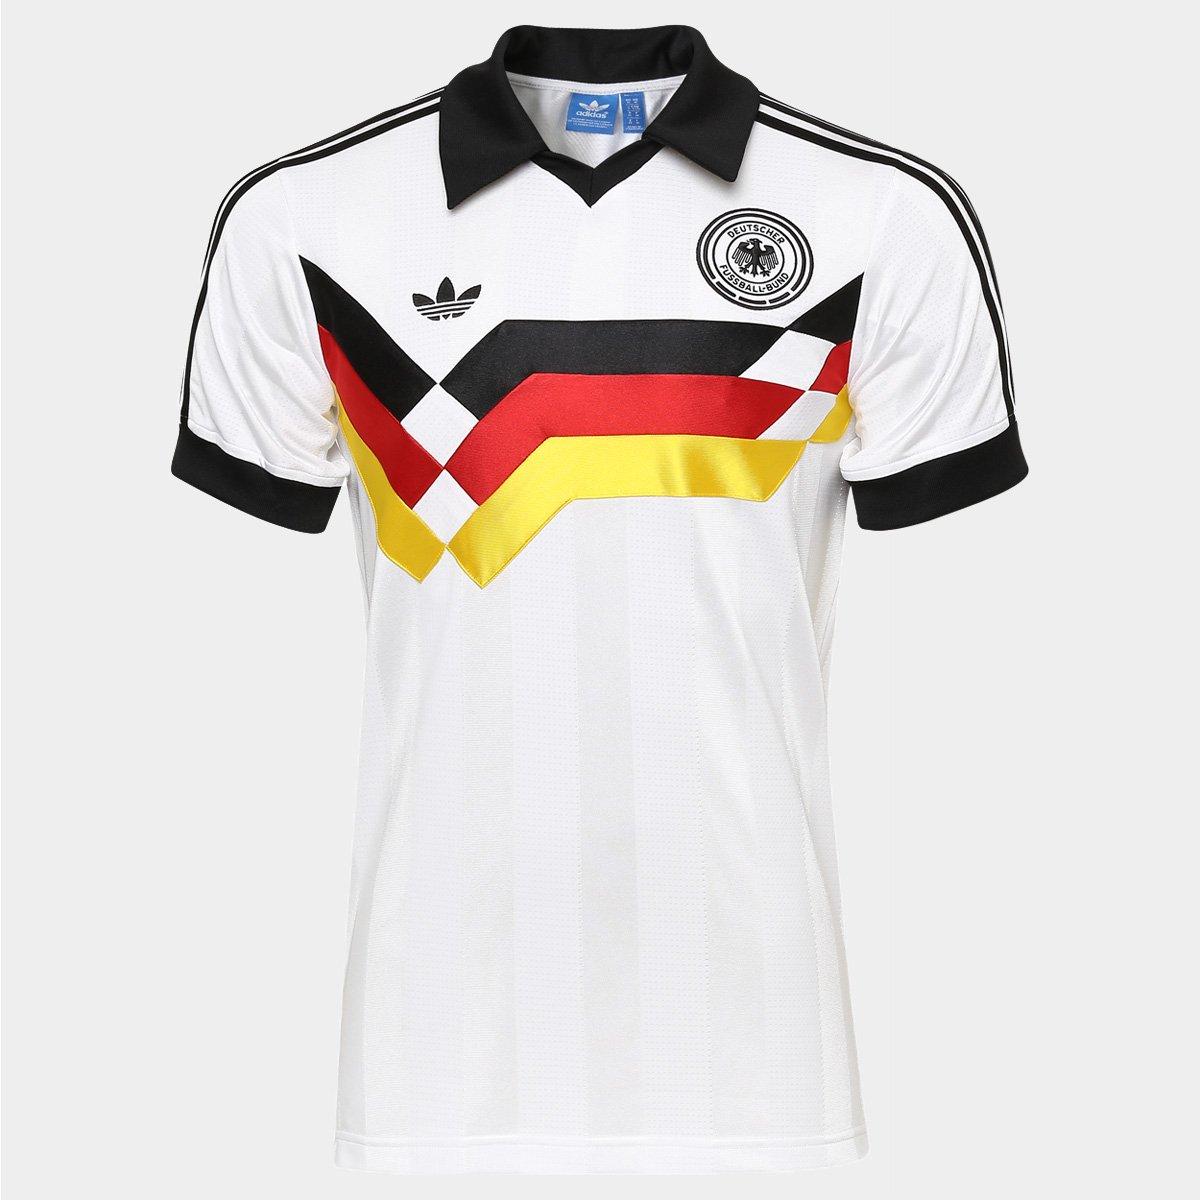 eb0269d3e2 Camisa Adidas Alemanha Retrô 1990 - Compre Agora